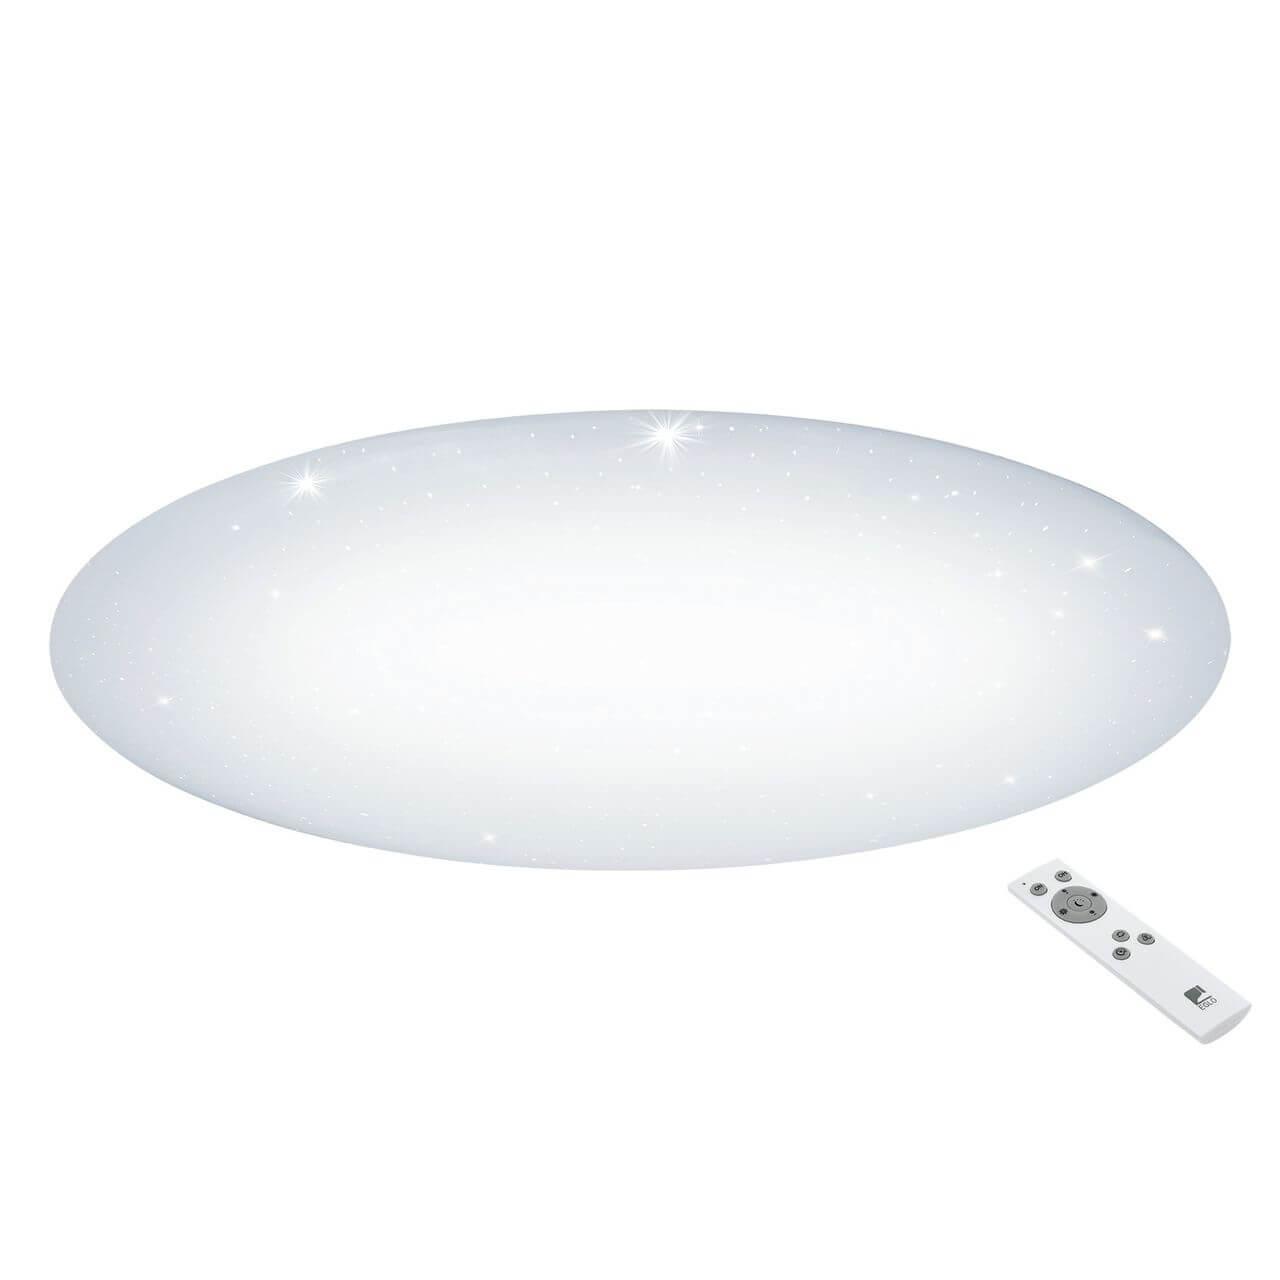 Фото - Накладной светильник Eglo 97541, LED, 40 Вт eglo 94353